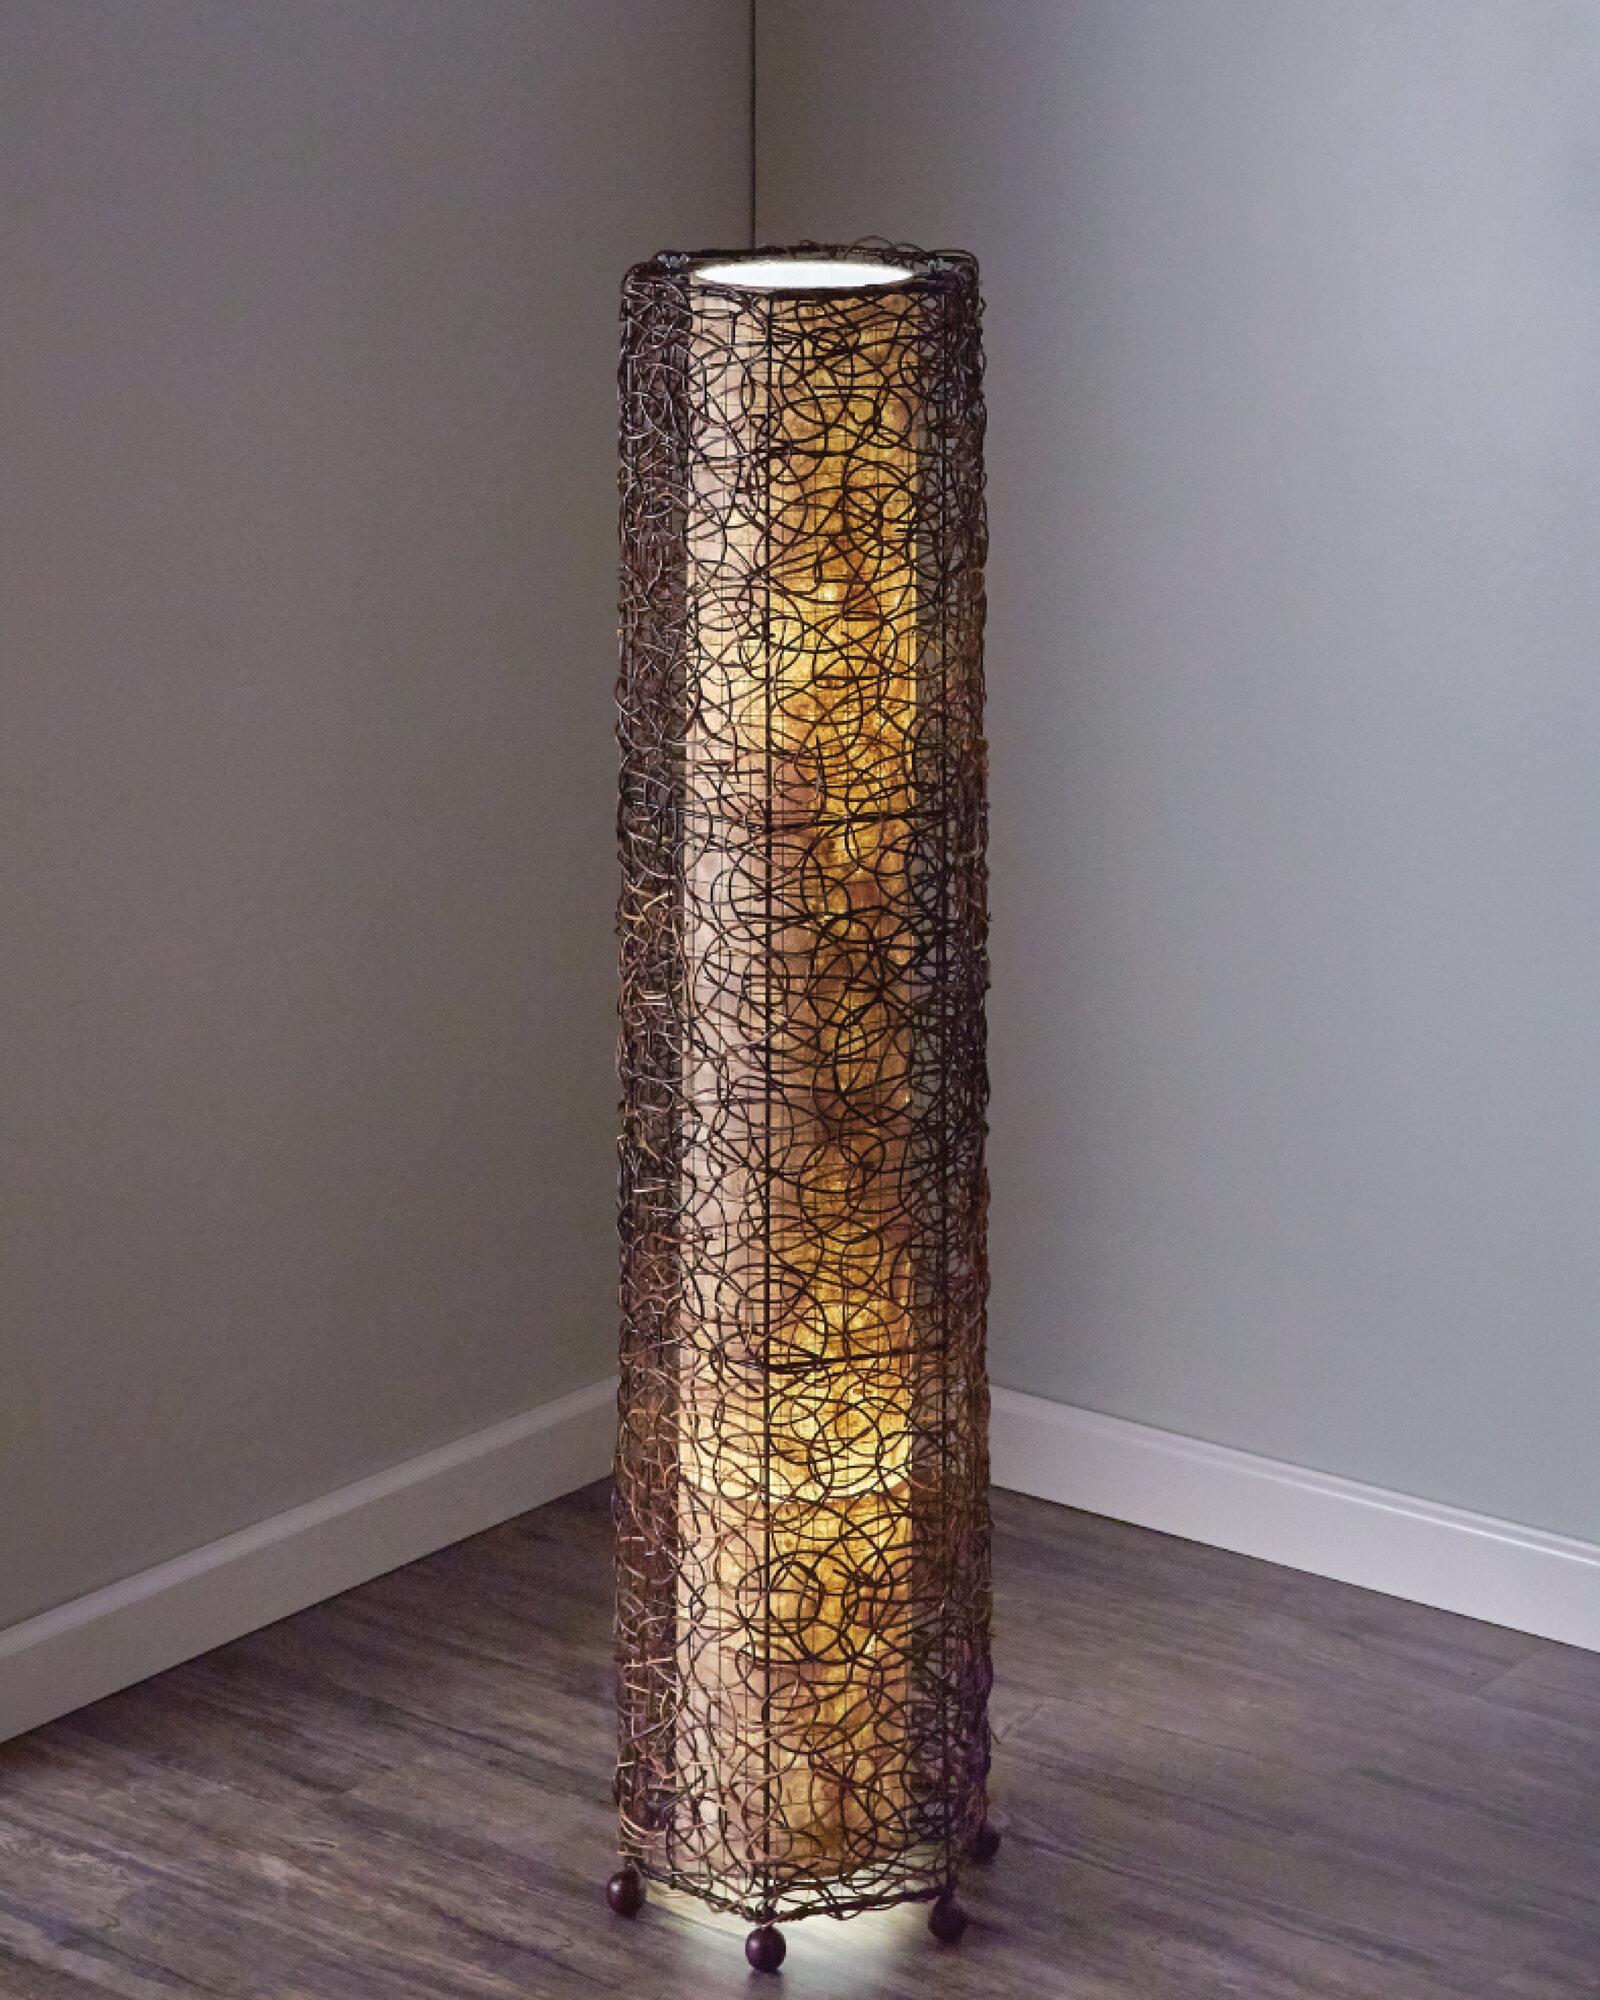 Ebern Designs Conrado Large 48 Column